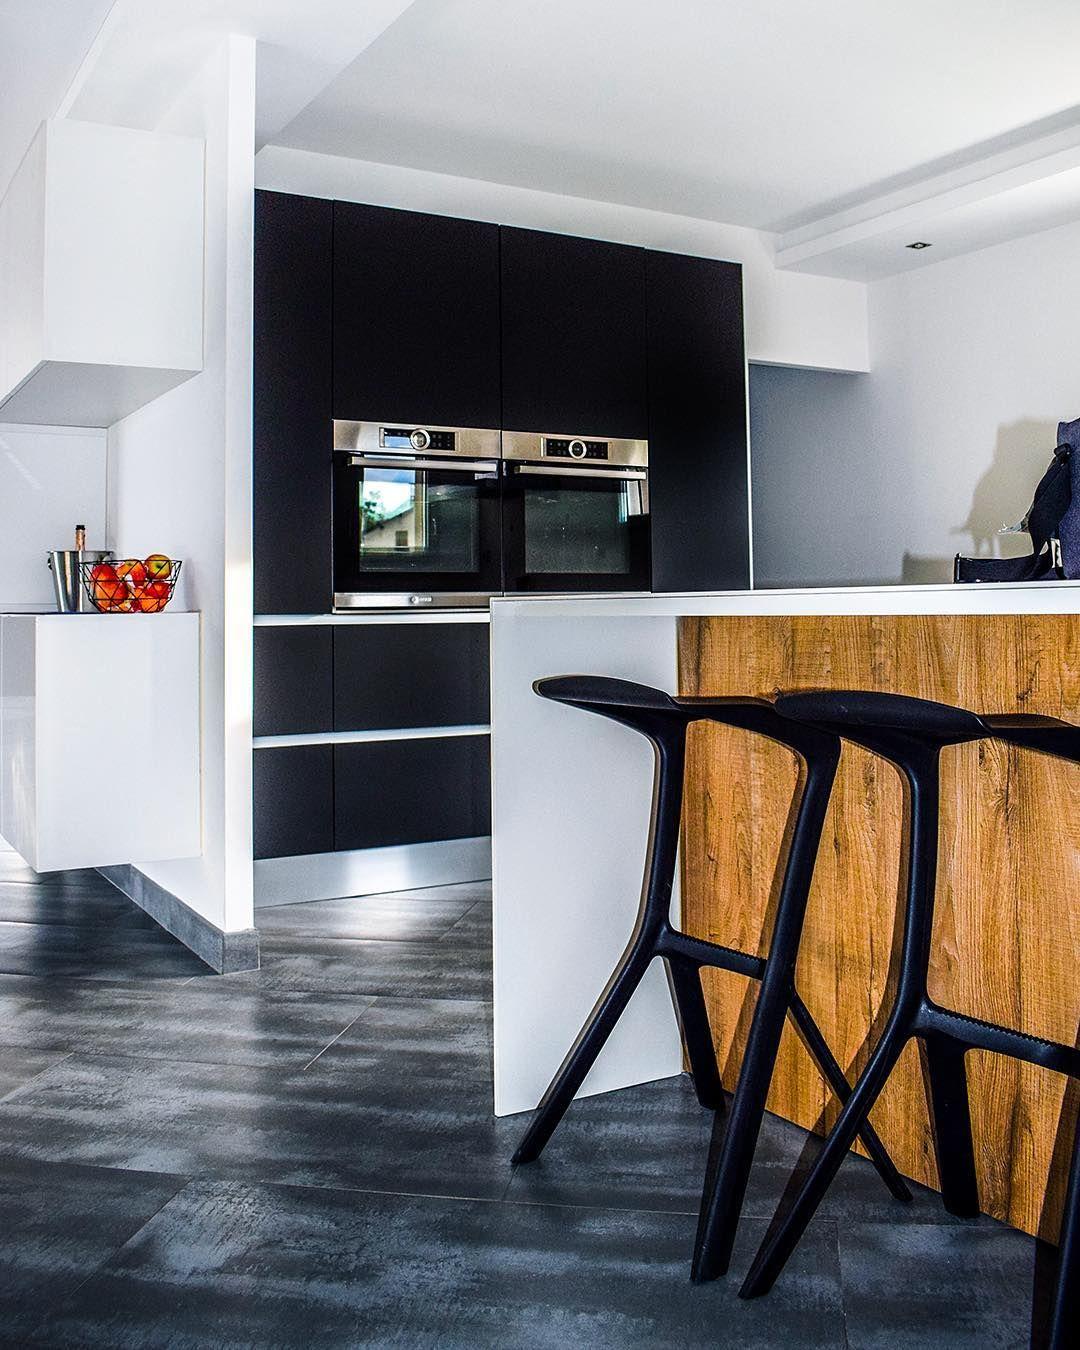 Okite Pregi E Difetti new] the 10 best home decor (with pictures) - lokite è un